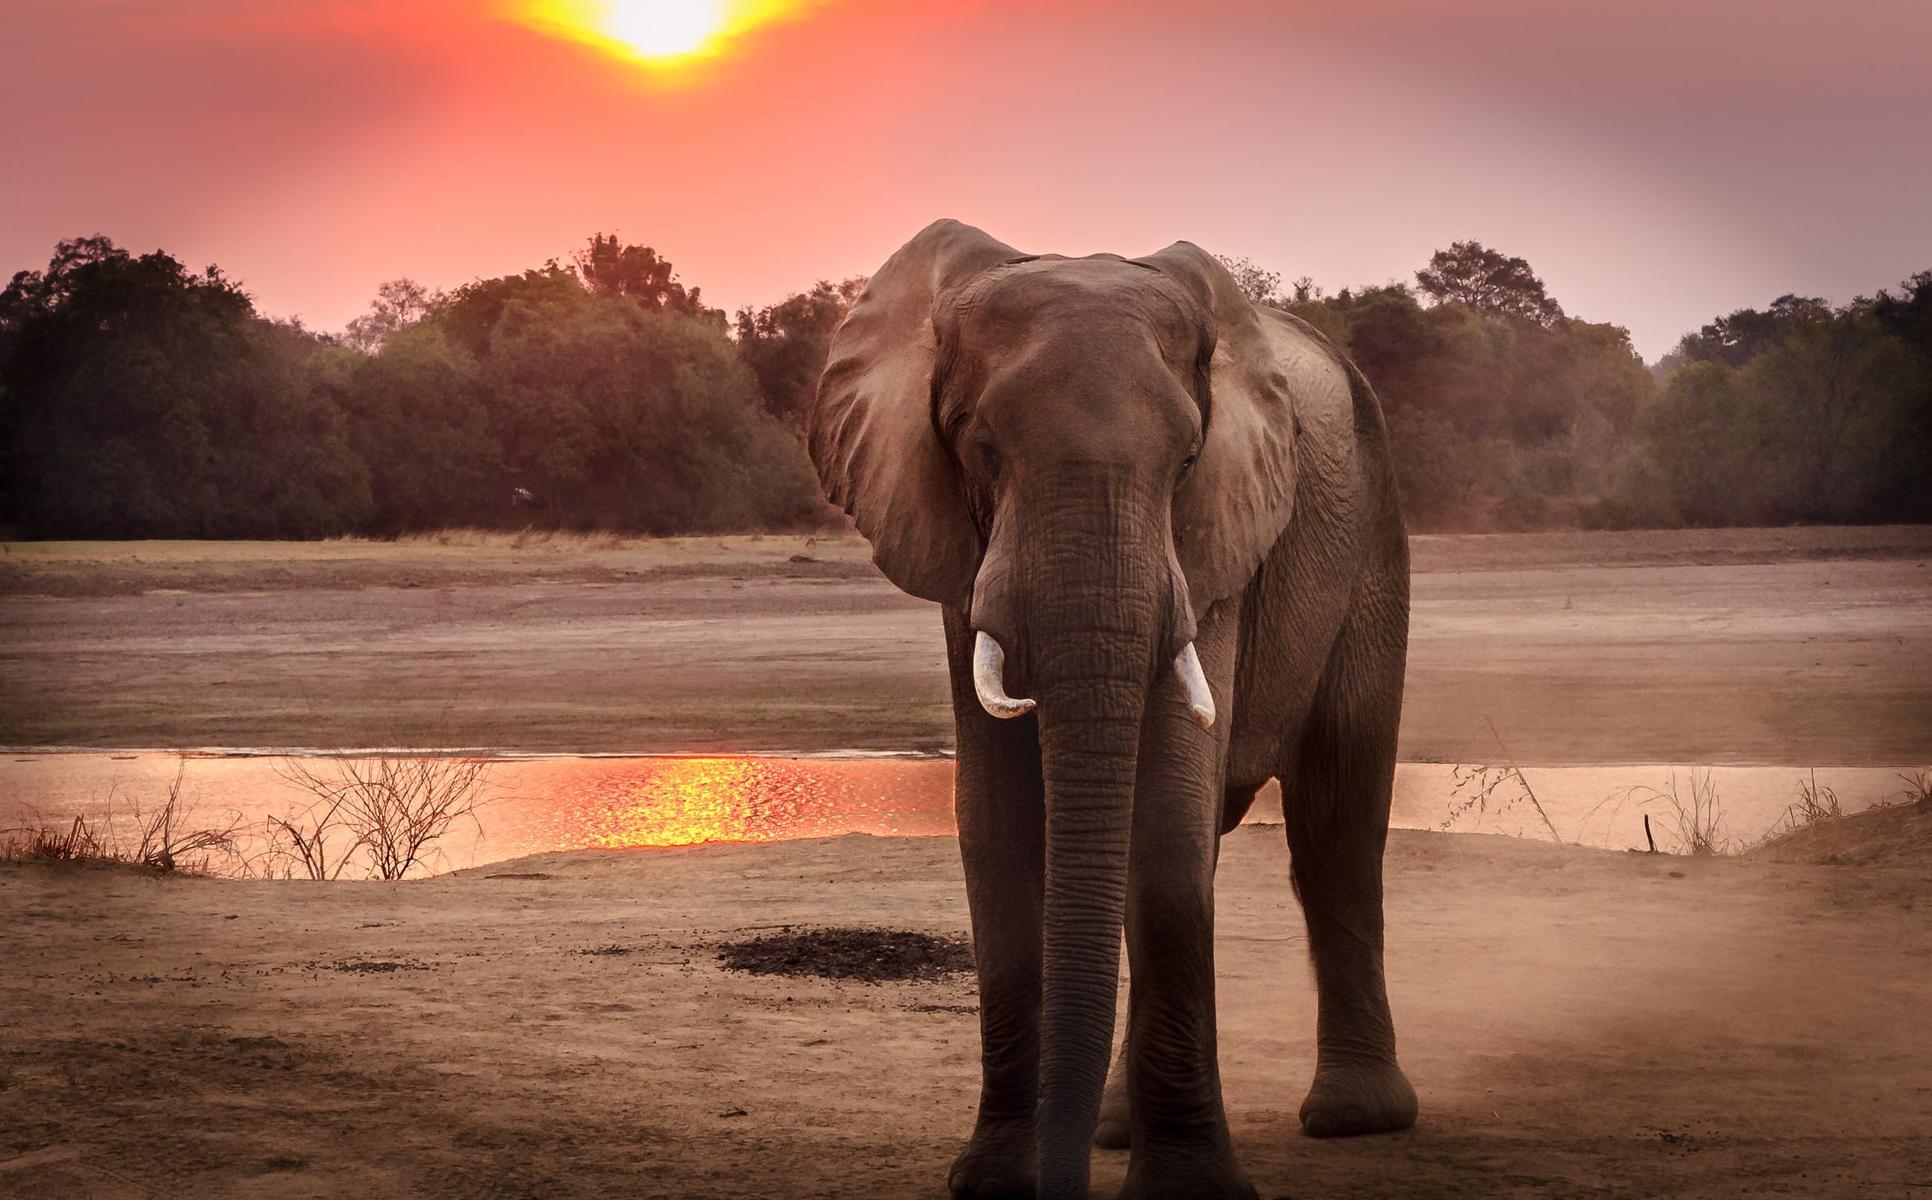 Туристов просят не кататься на слонах в Таиланде. Вот почему